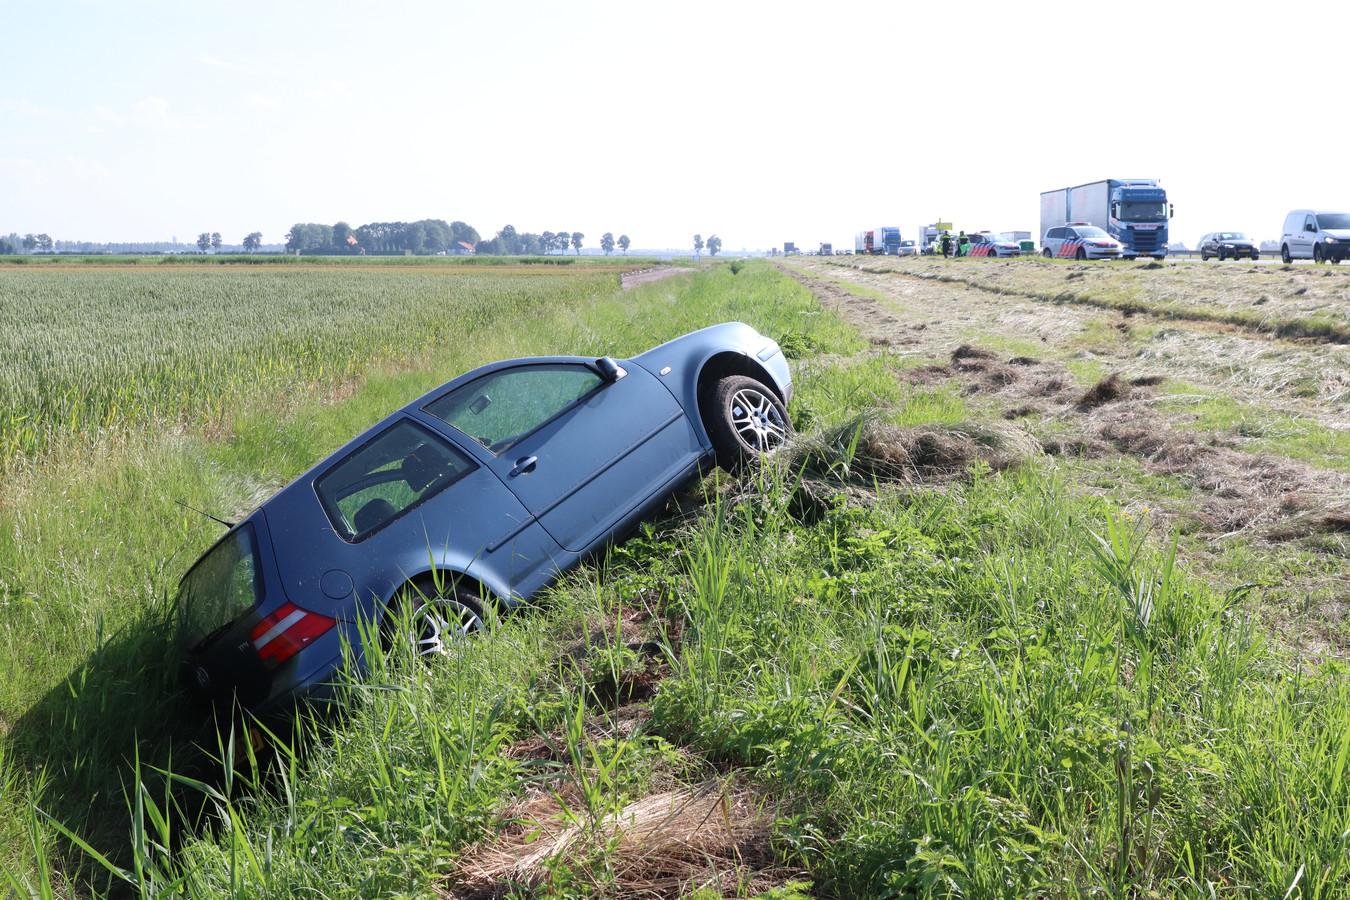 Na een kop-staartbotsing belandde deze auto in de sloot naast de A6 tussen Emmeloord en de Ketelbrug.